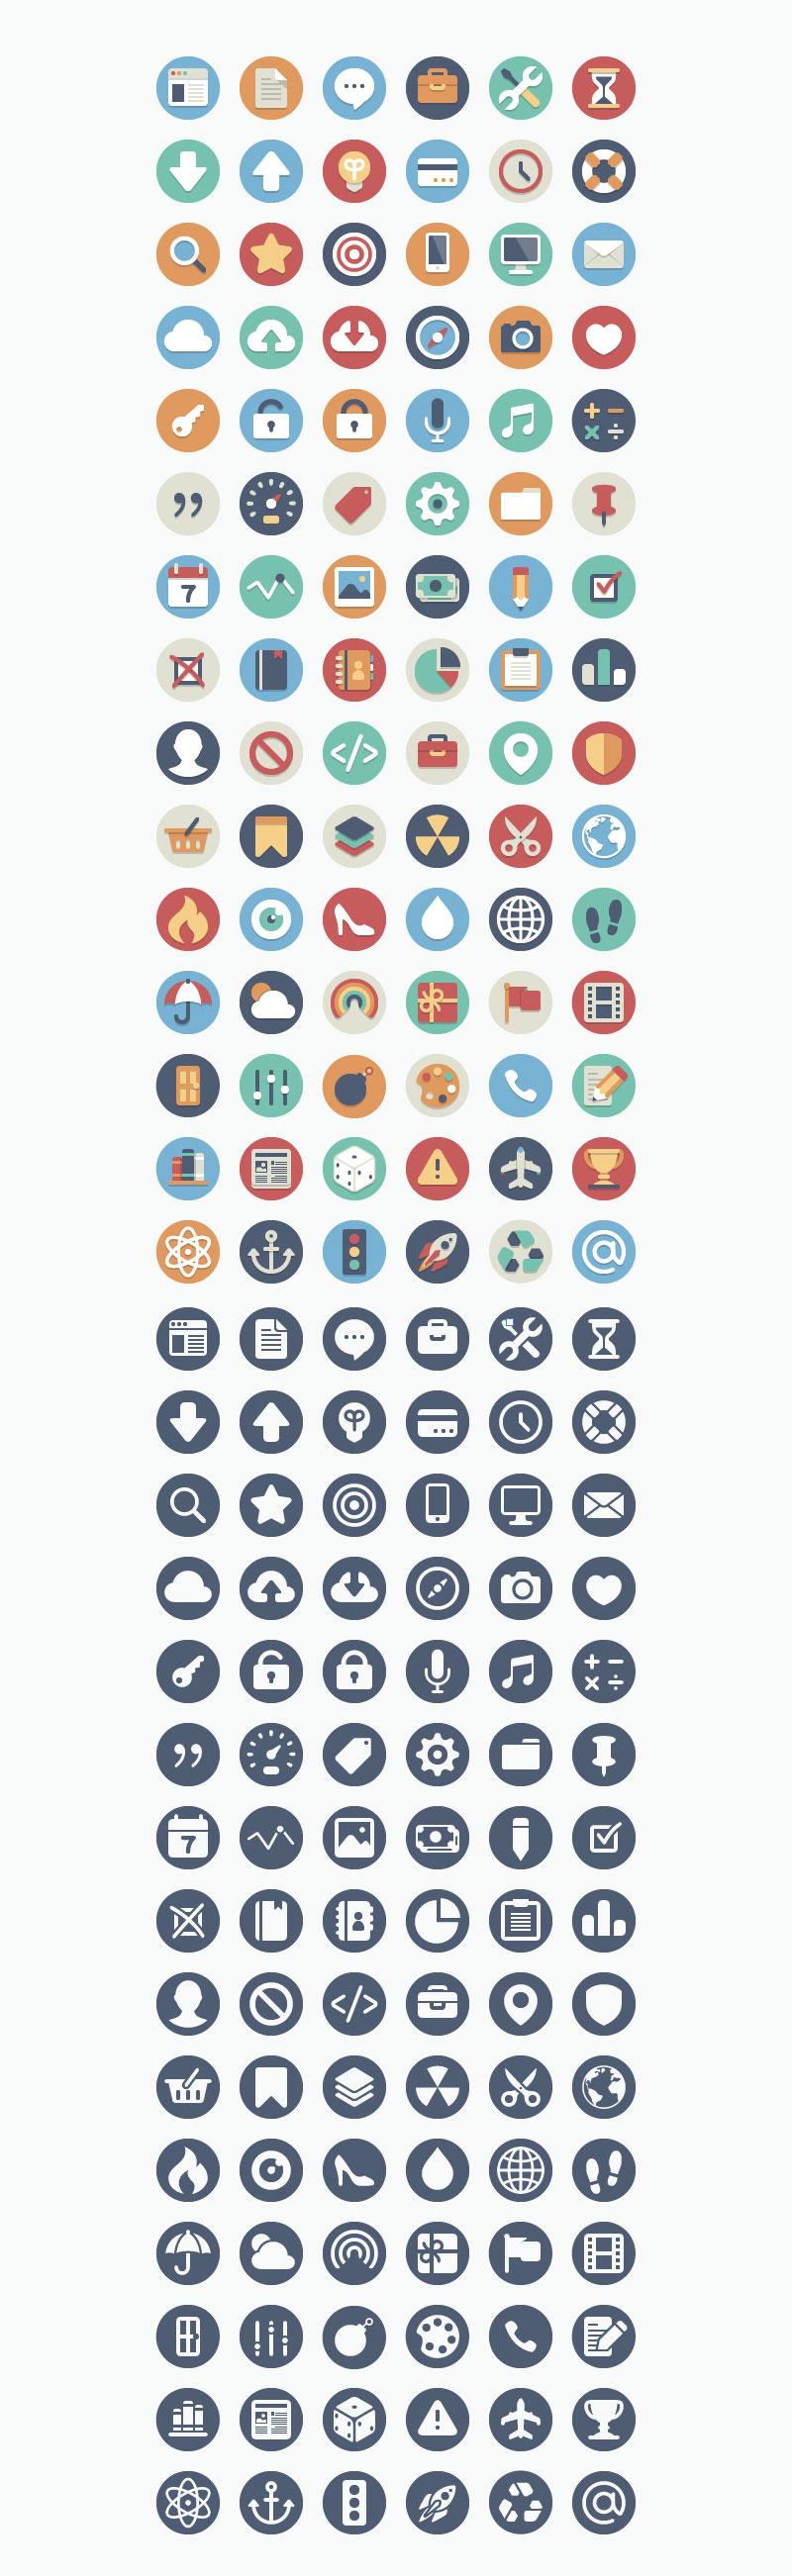 180 Free Beautiful Flat Icons